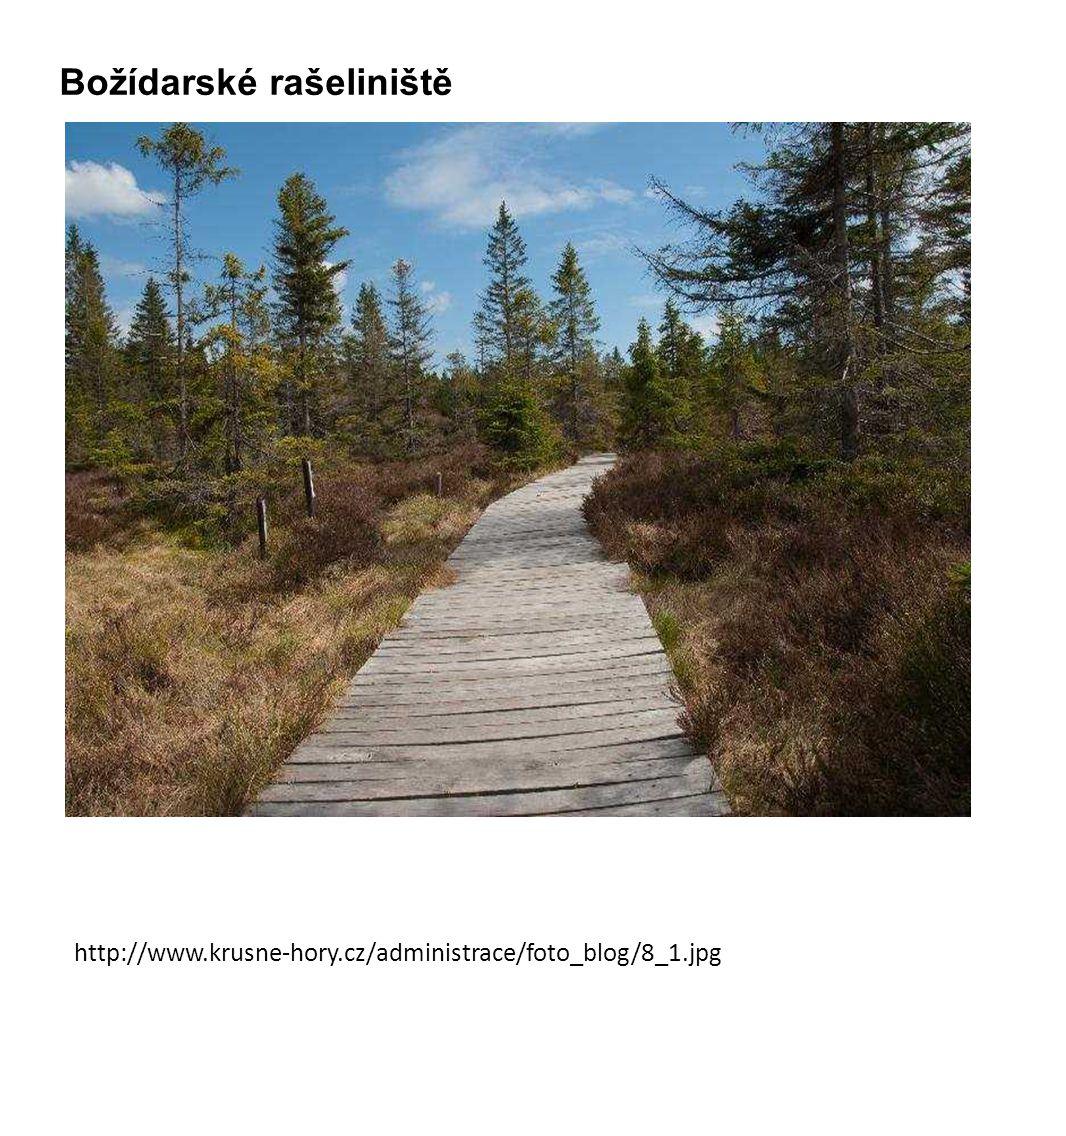 http://www.krusne-hory.cz/administrace/foto_blog/8_1.jpg Božídarské rašeliniště